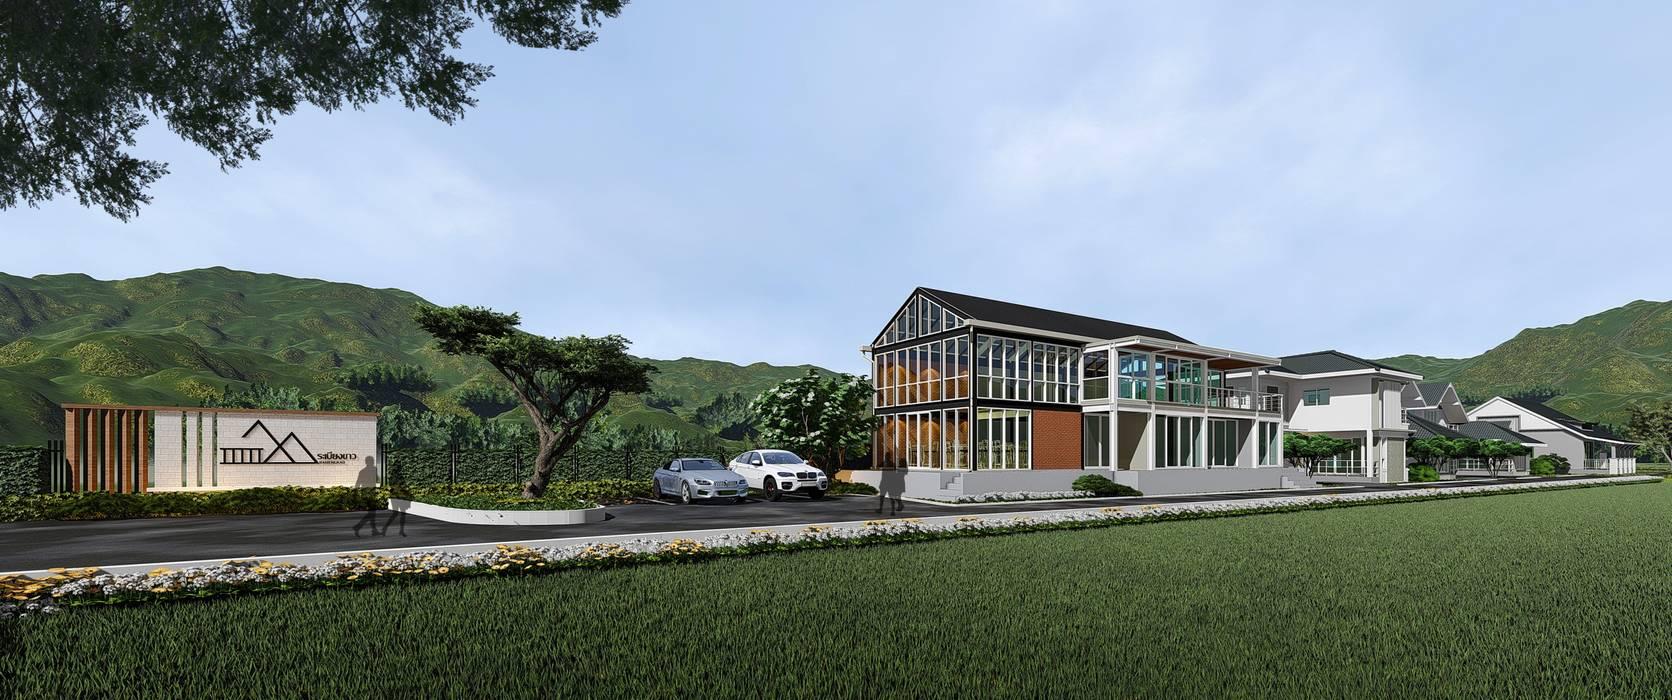 โครงการพัฒนาที่ดิน เพื่อสร้างบ้าน  ของบริษัท บ้านระเบียงขาว จำกัด  ที่อ.หัวหิน:  อาคารสำนักงาน โดย บริษัท บ้านระเบียงขาว จำกัด,